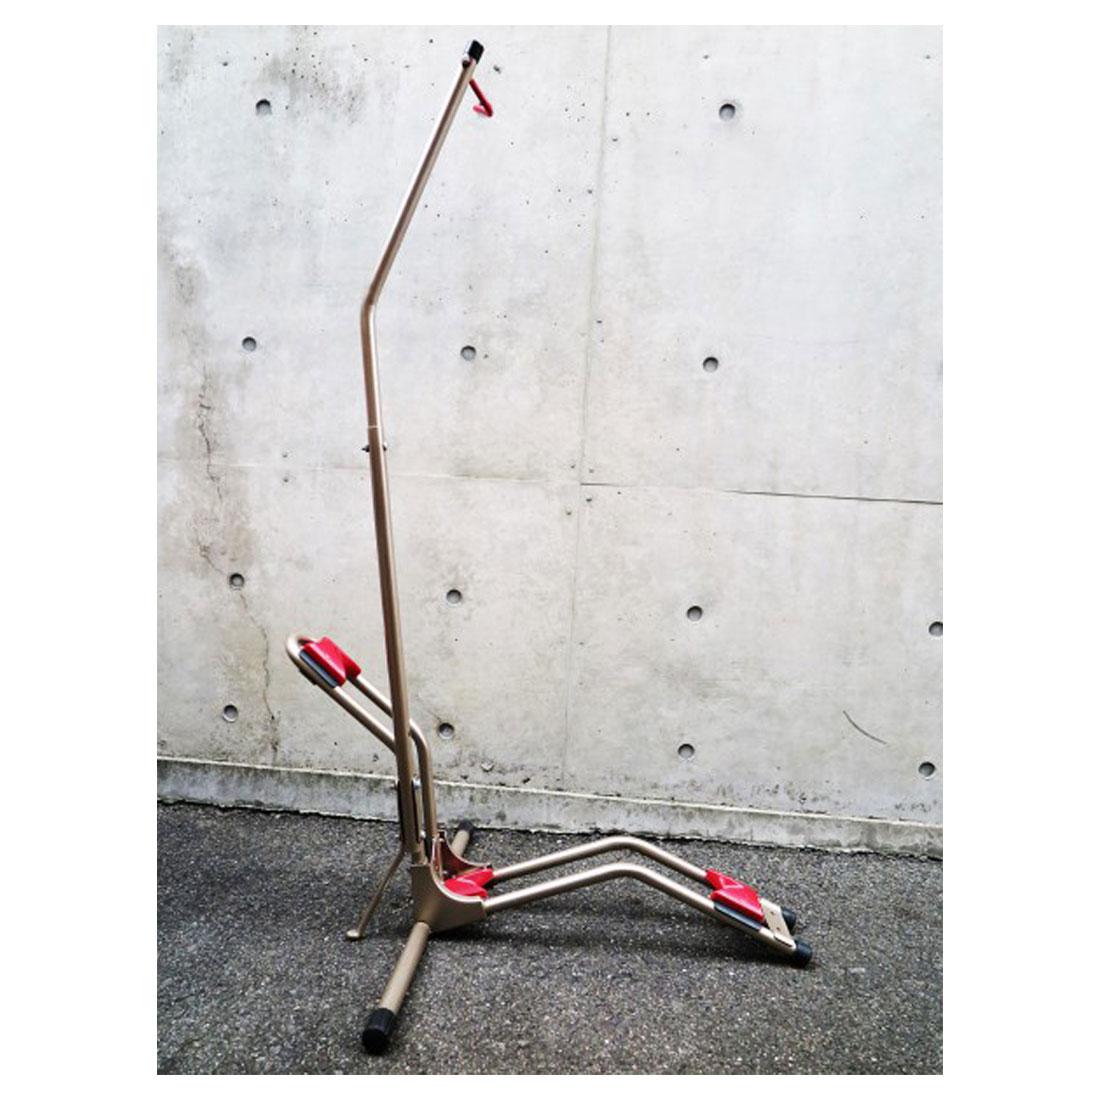 《即納》【土日祝もあす楽】MINOURA(ミノウラ) DS-800AKI 縦置き対応の省スペース自転車ラック 屋内保管スタンドに[ディスプレイスタンド][スタンド型]